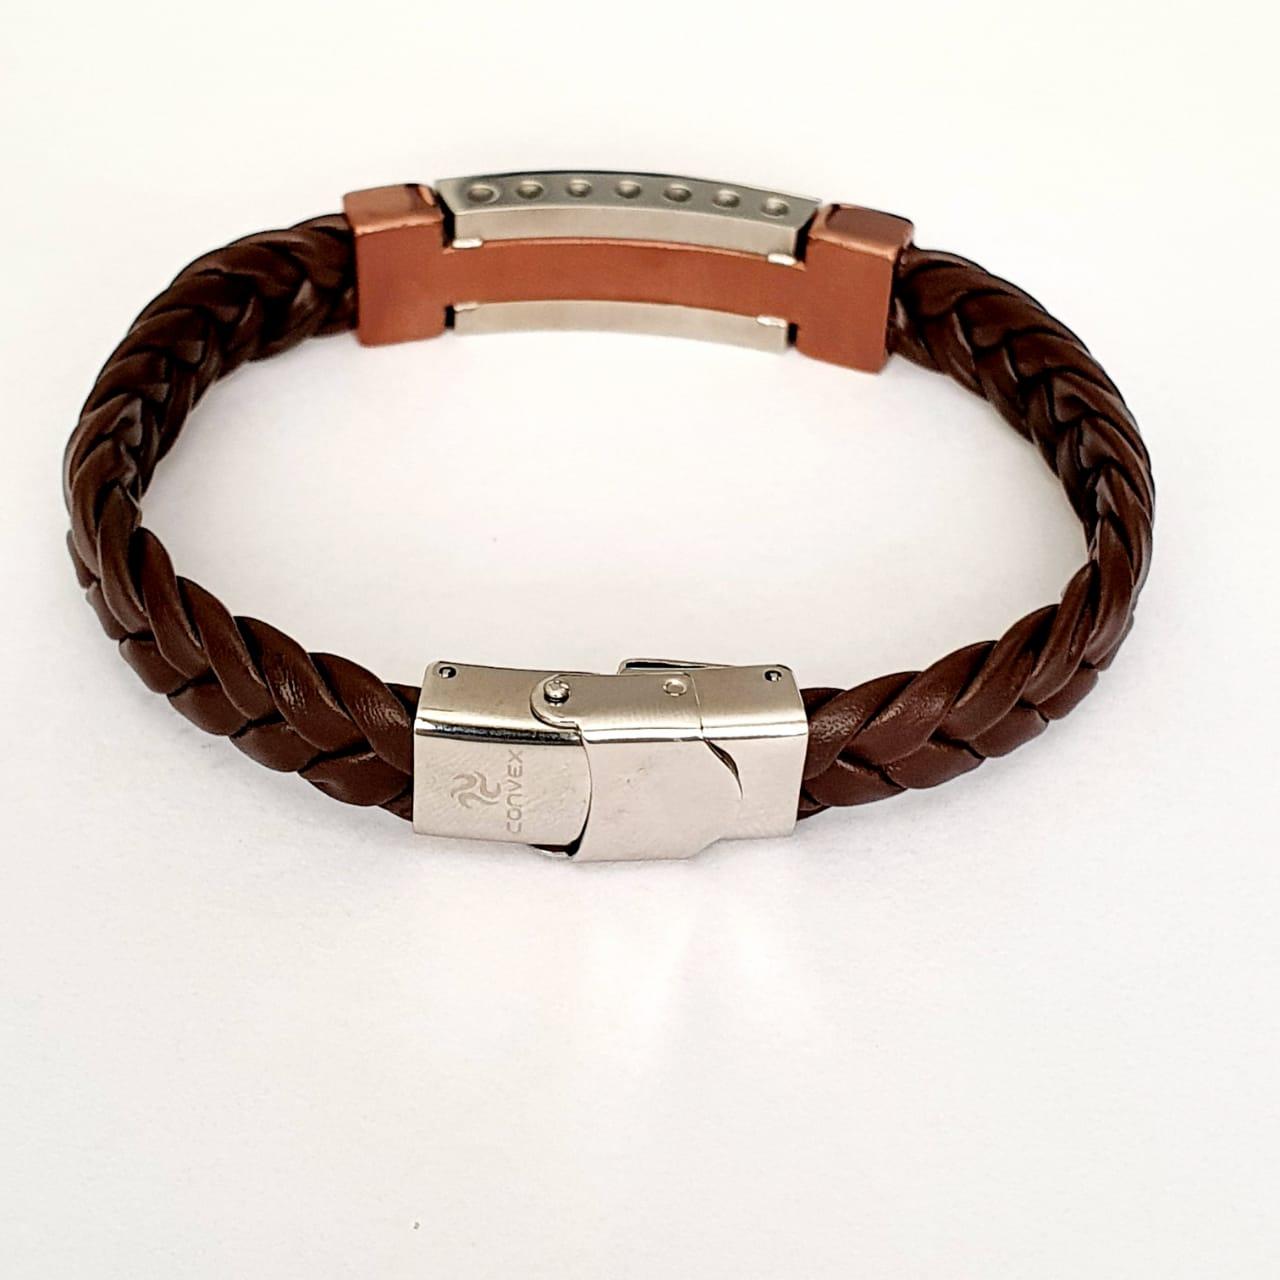 Pulseira Masculina de couro marrom com chapa de aço marrom 2700573